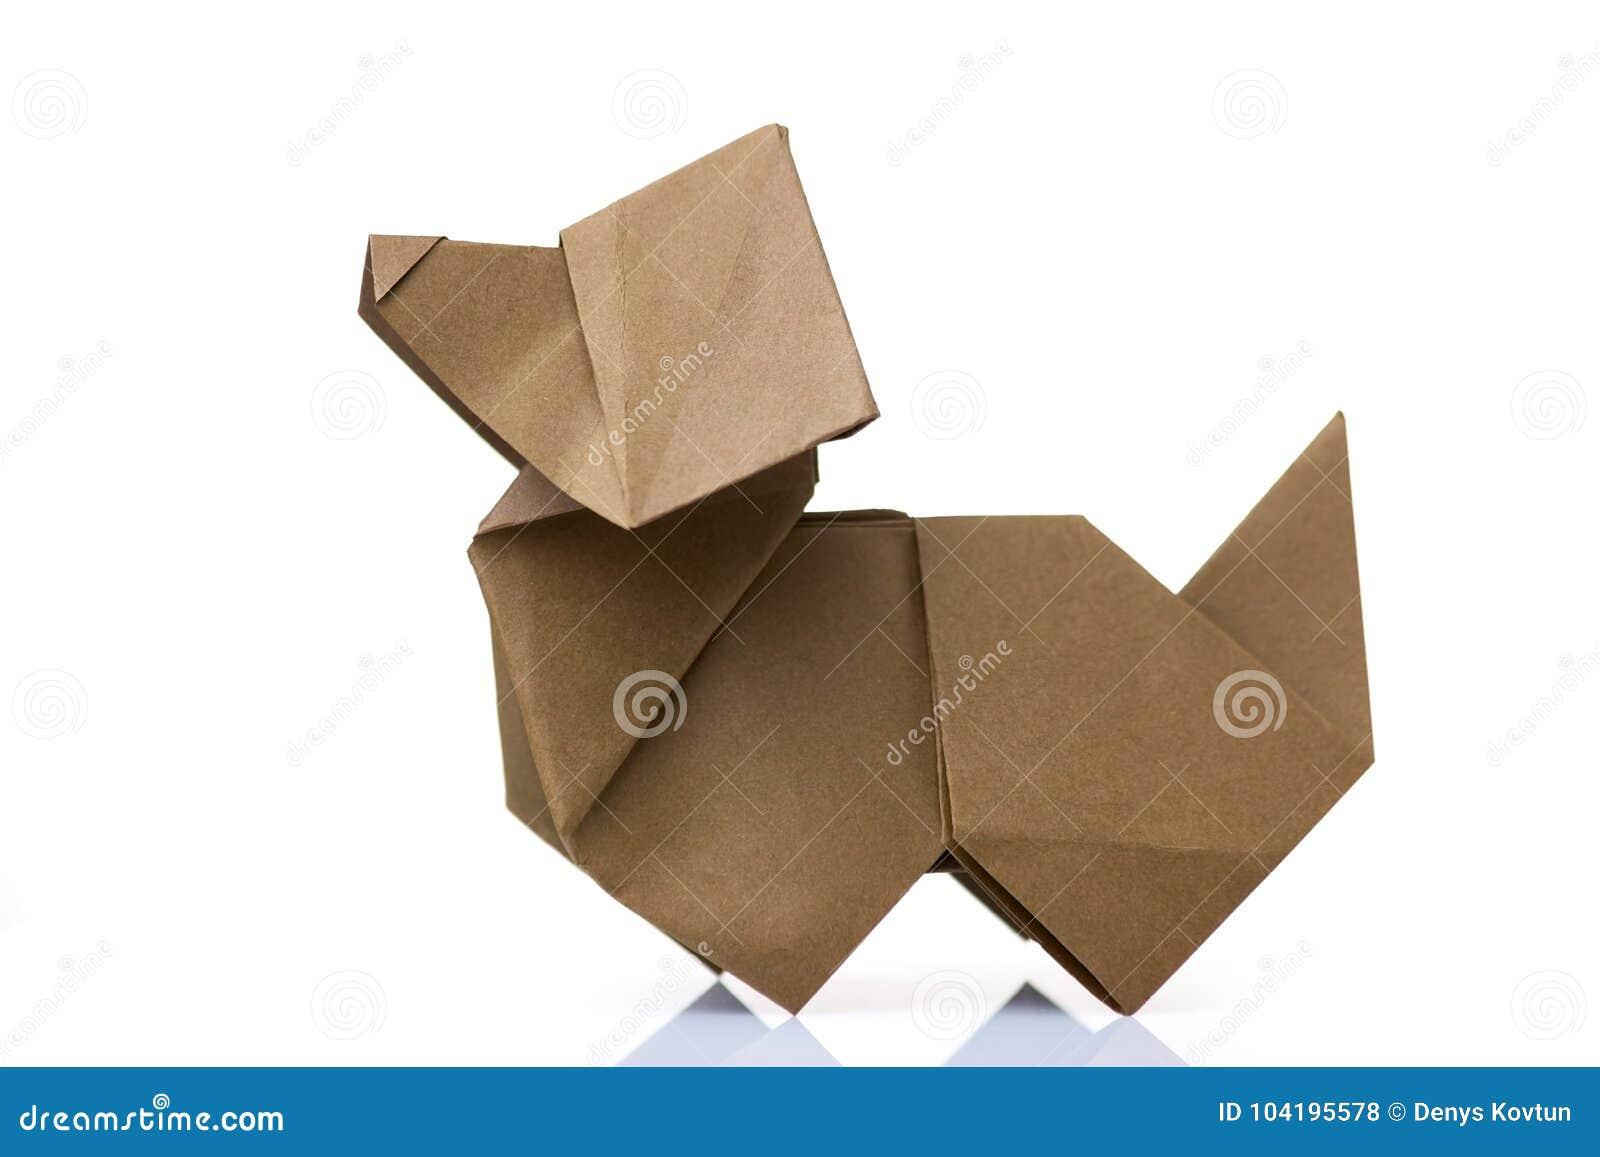 Origami Dog On White Background Stock Photo Image Of Contest